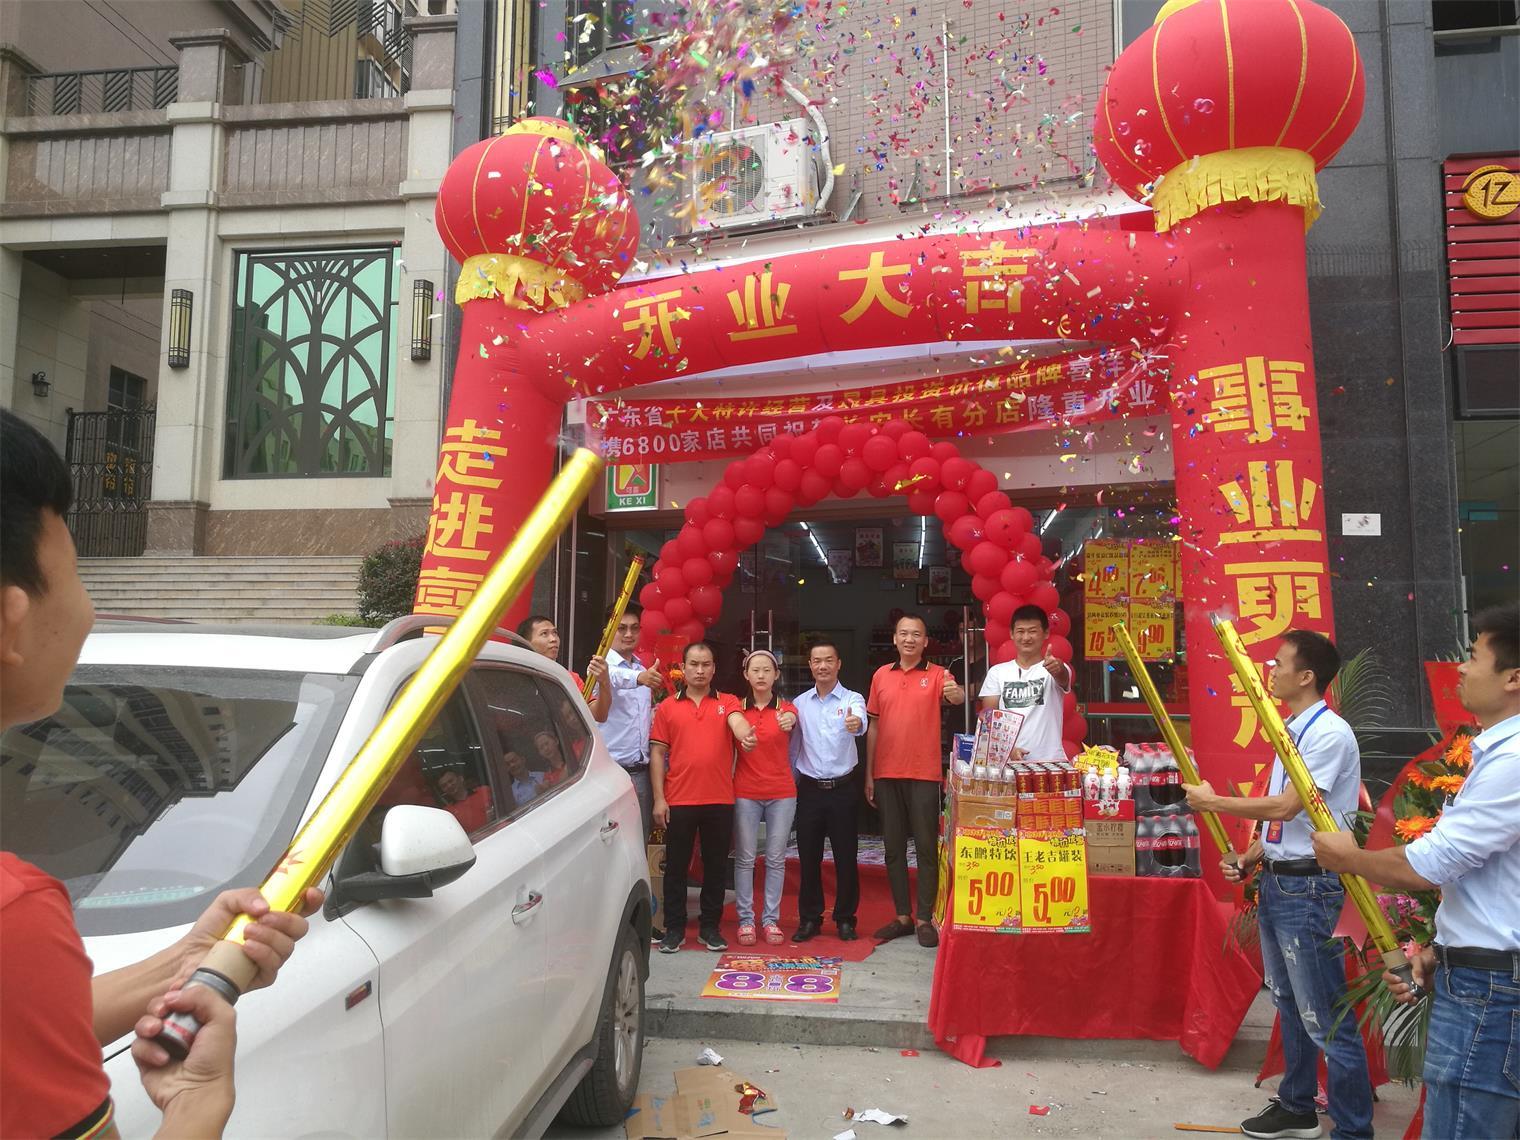 喜洋洋便利店全体员工恭祝长安长有分店11月15日隆重开业